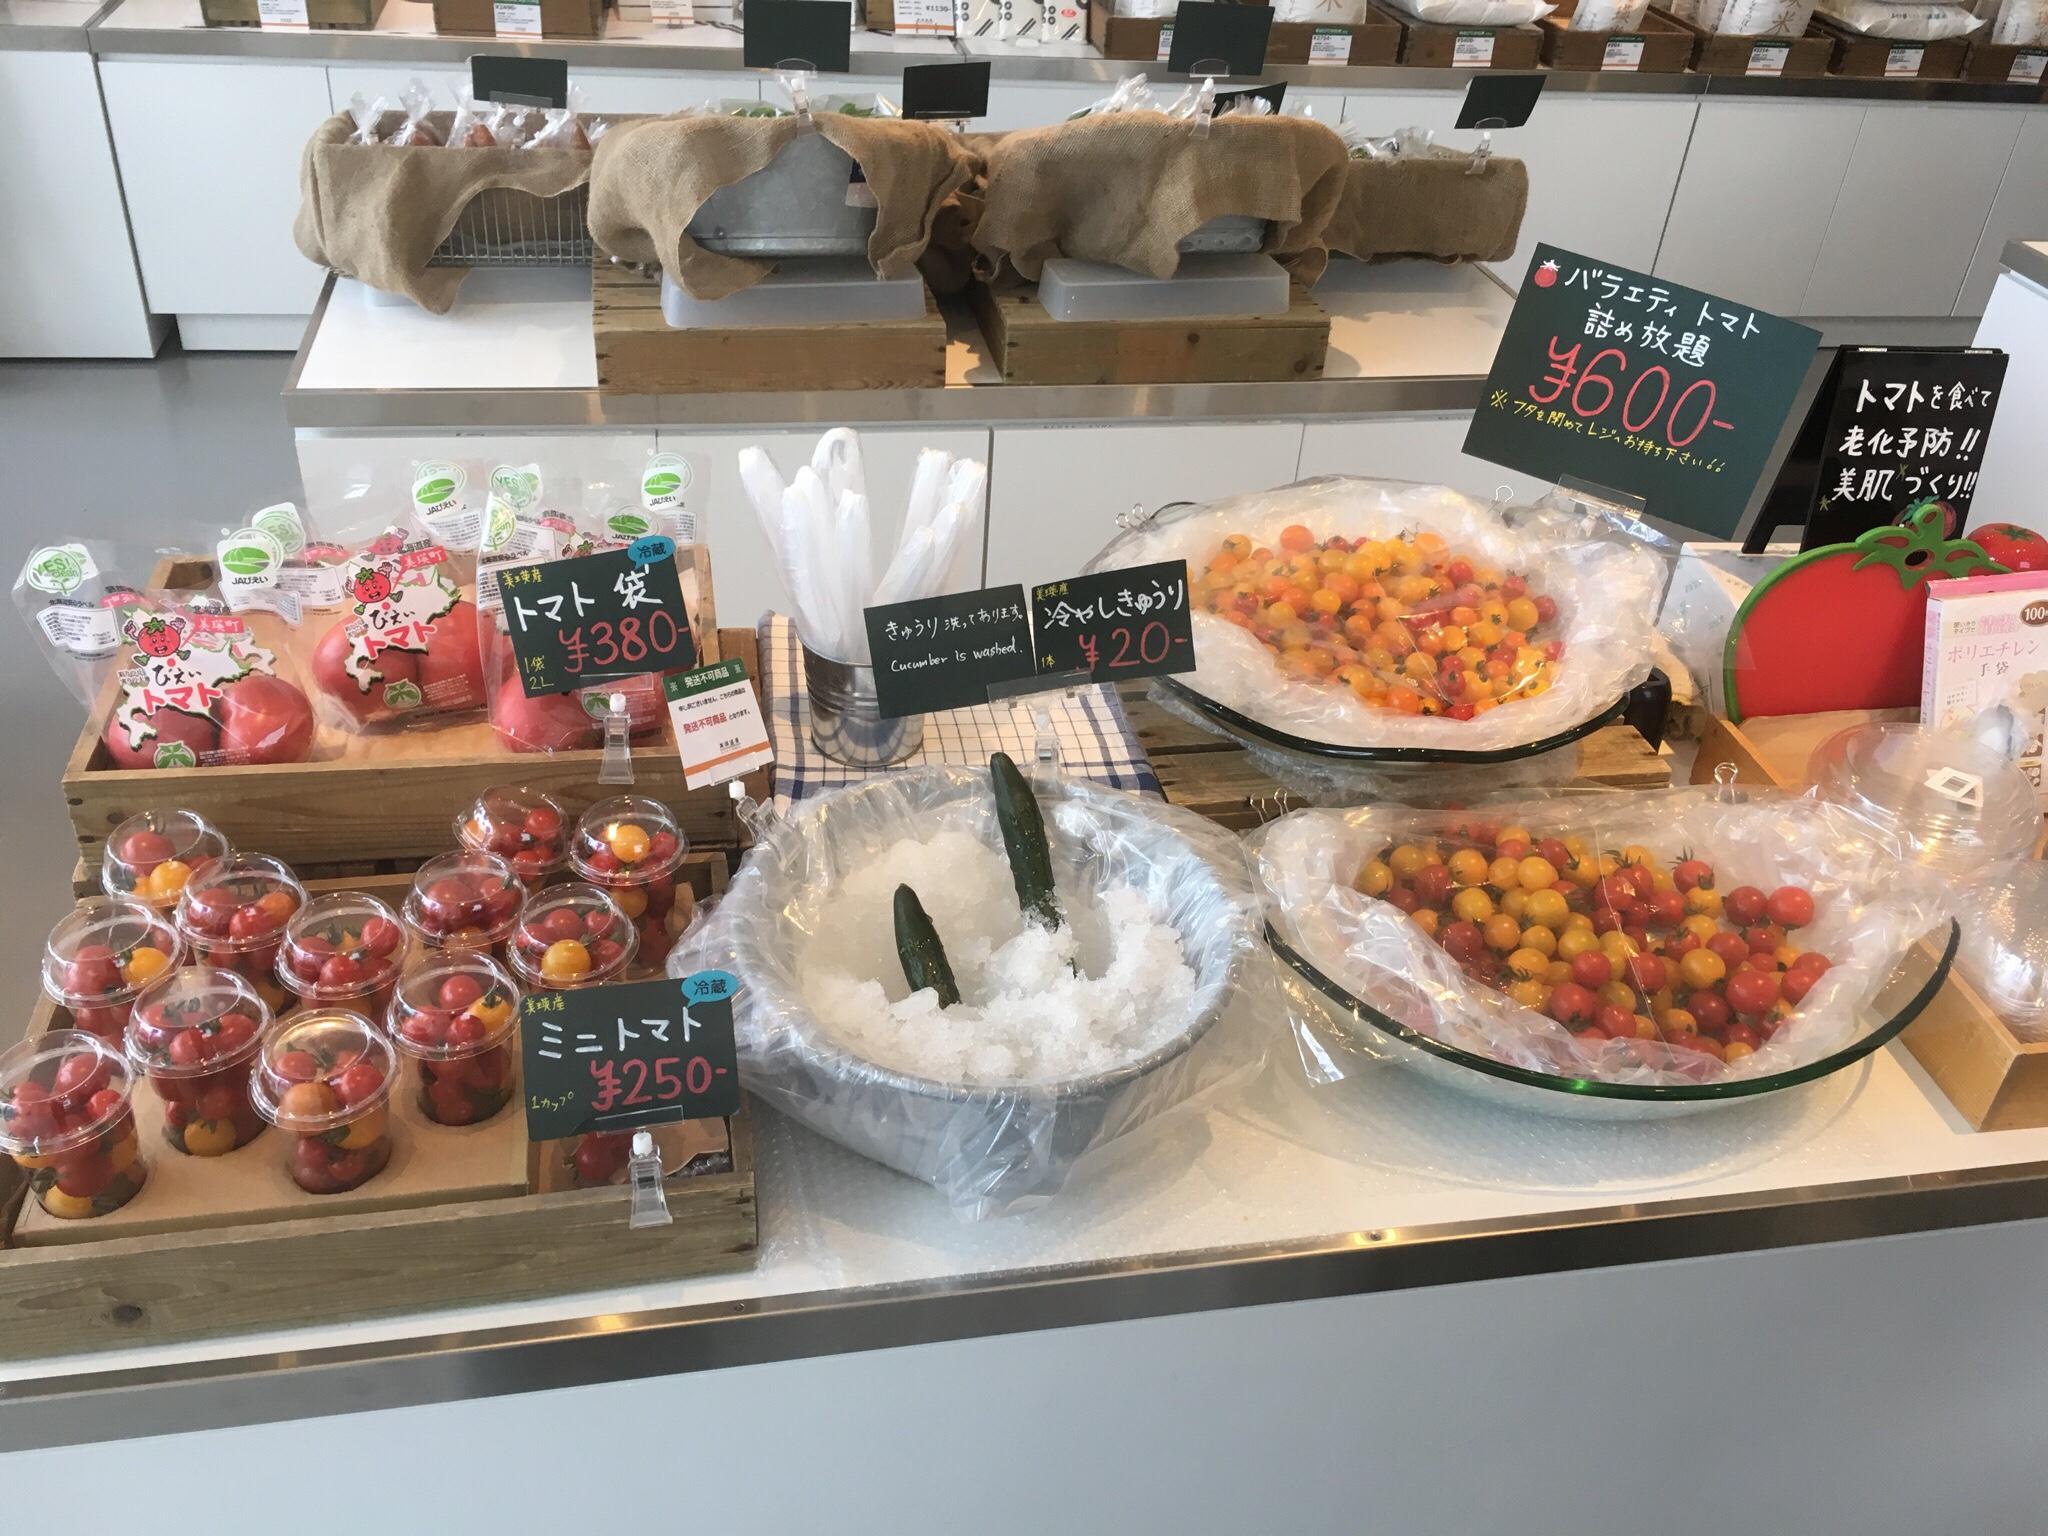 美瑛選果本店 野菜直売所 トマト